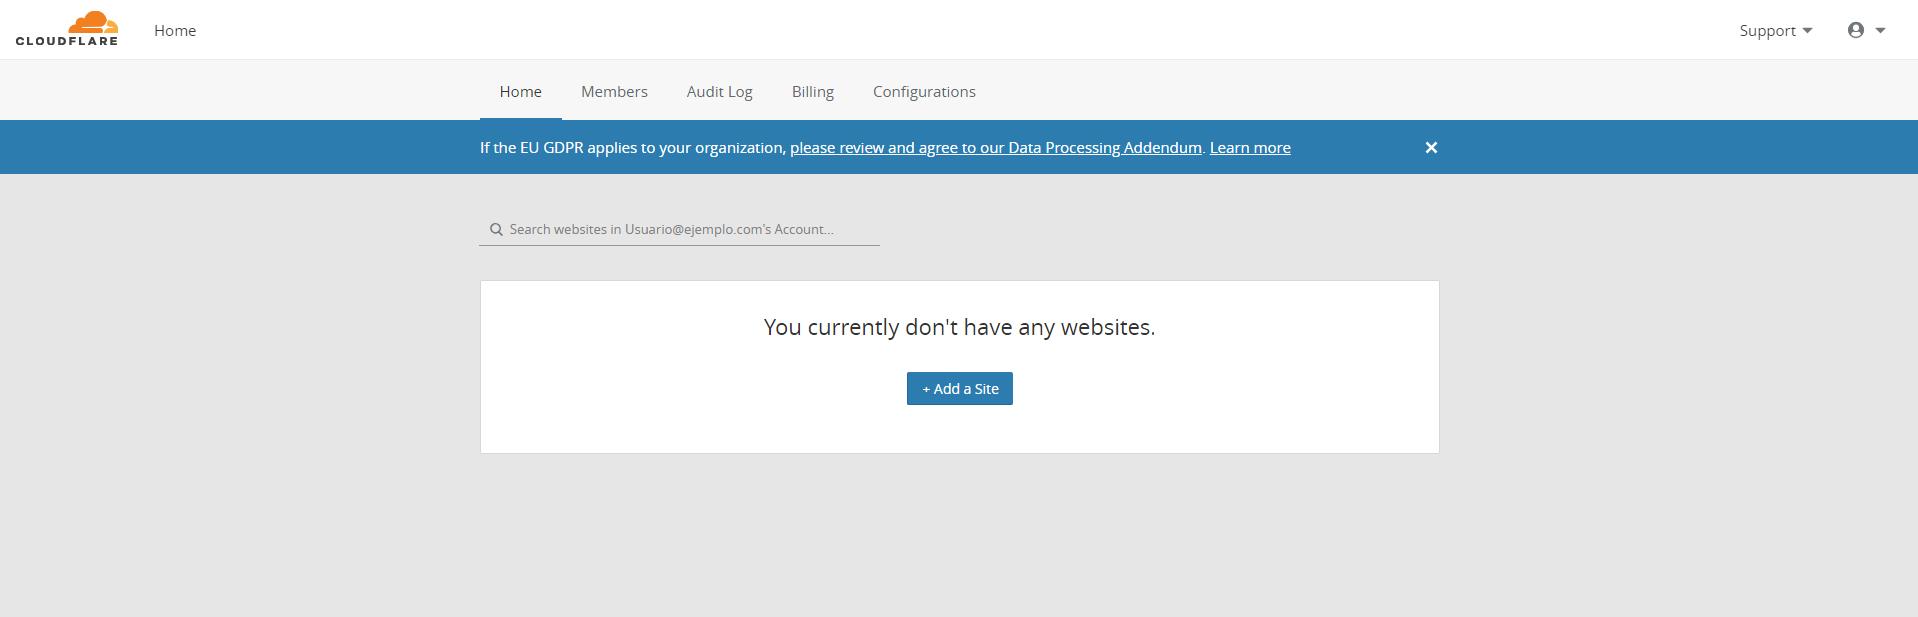 Activar Cloudflare para wordpress